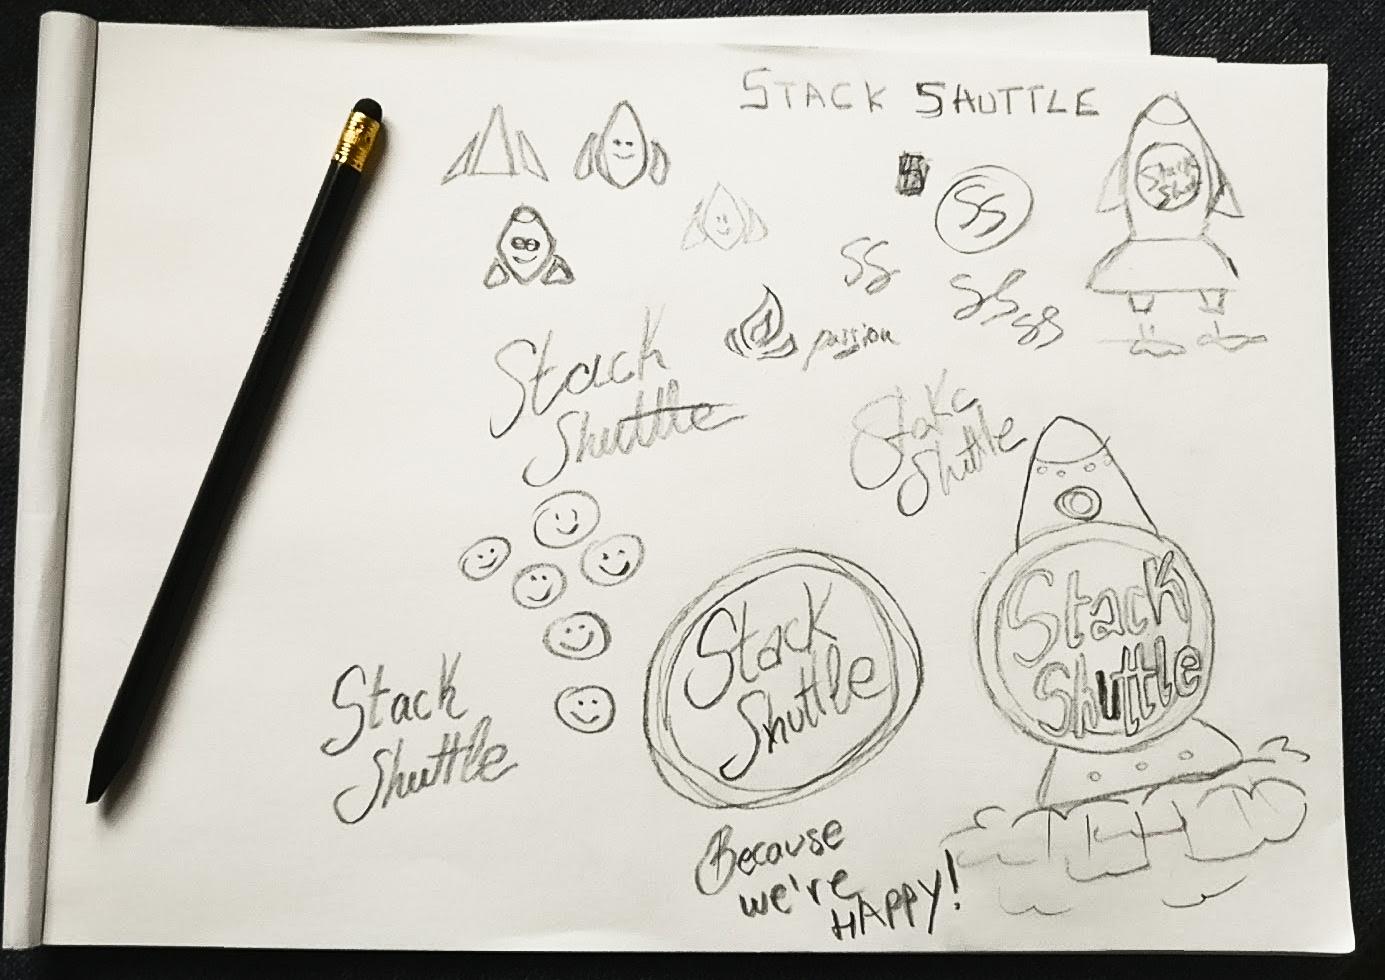 Stack Shuttle